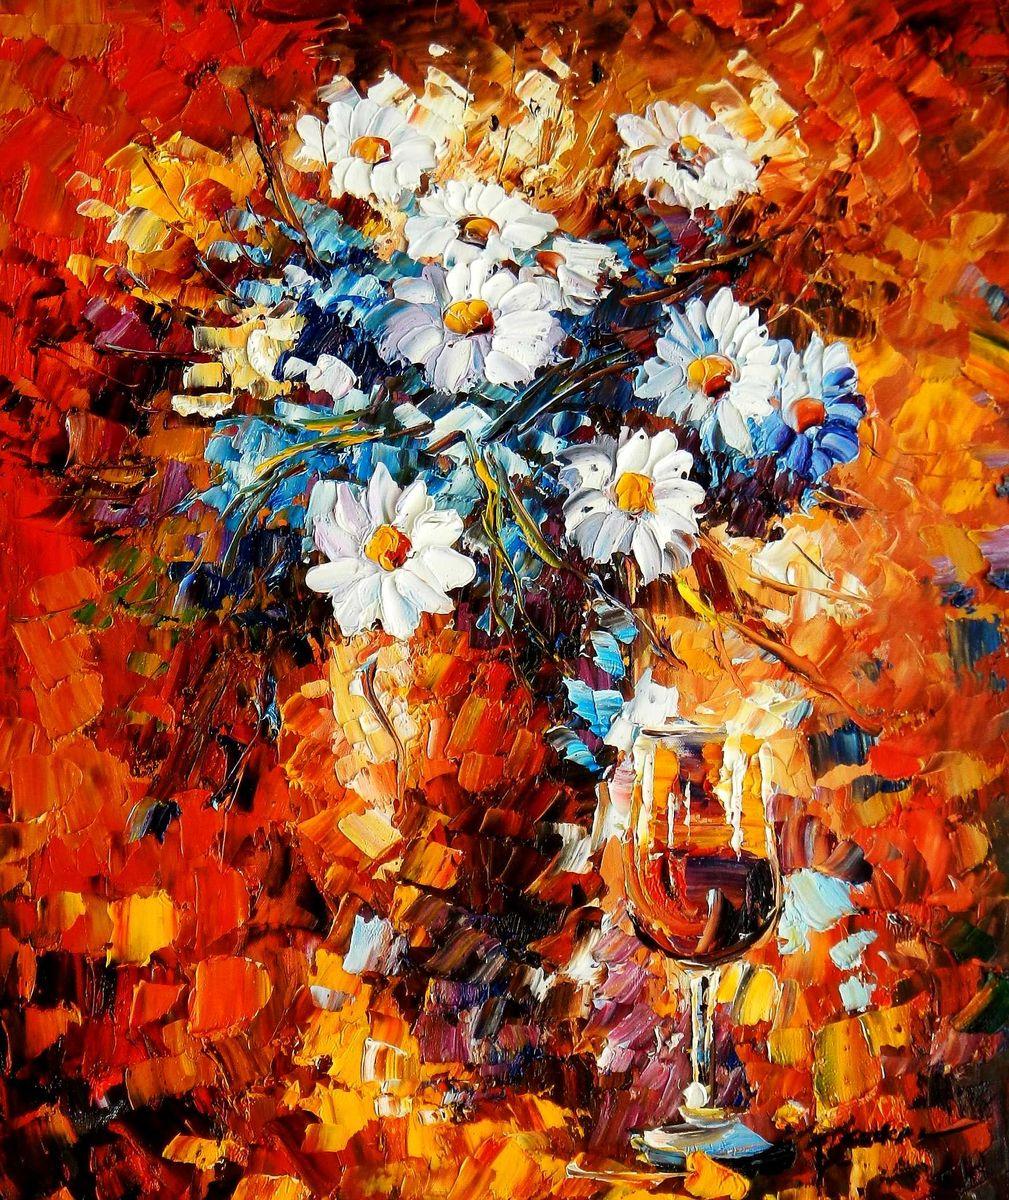 Modern Abstrakt - Vase mit bunten Blumen c95757 50x60cm abstraktes Ölbild handgemalt